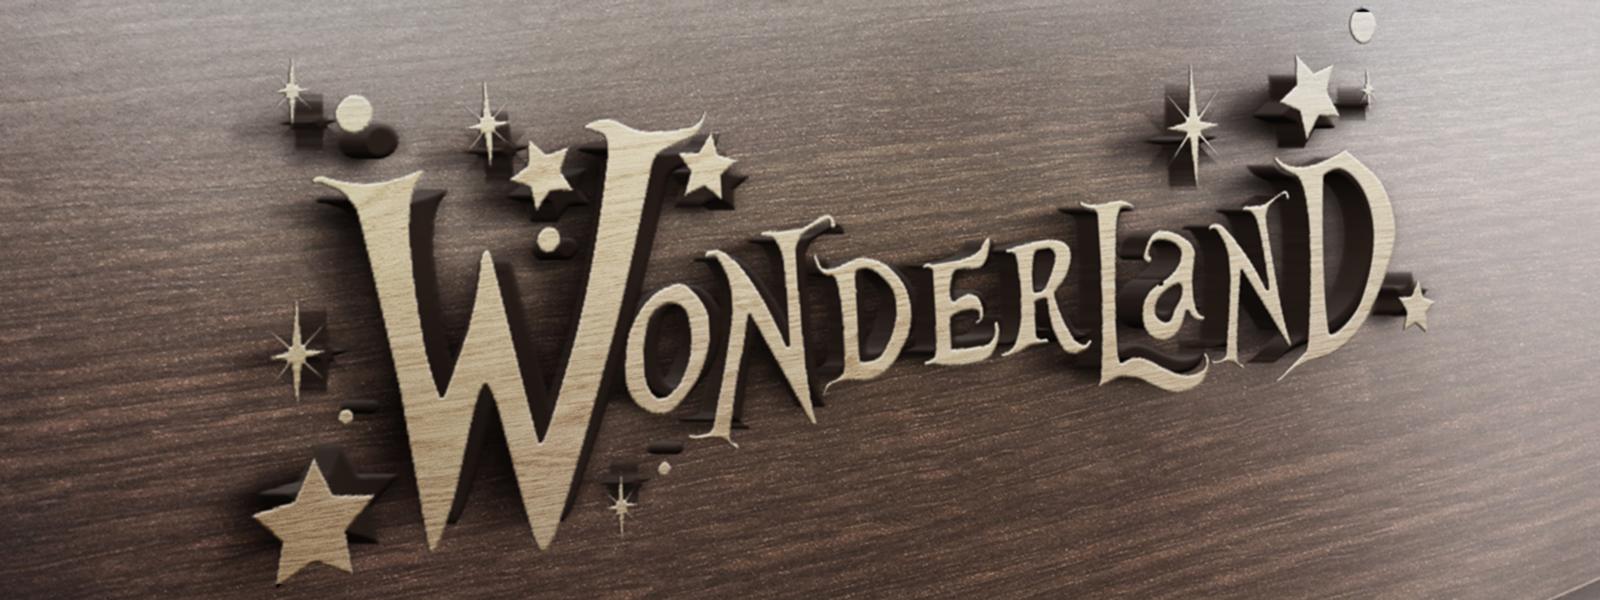 Wonderland giocattoli in legno Arezzo